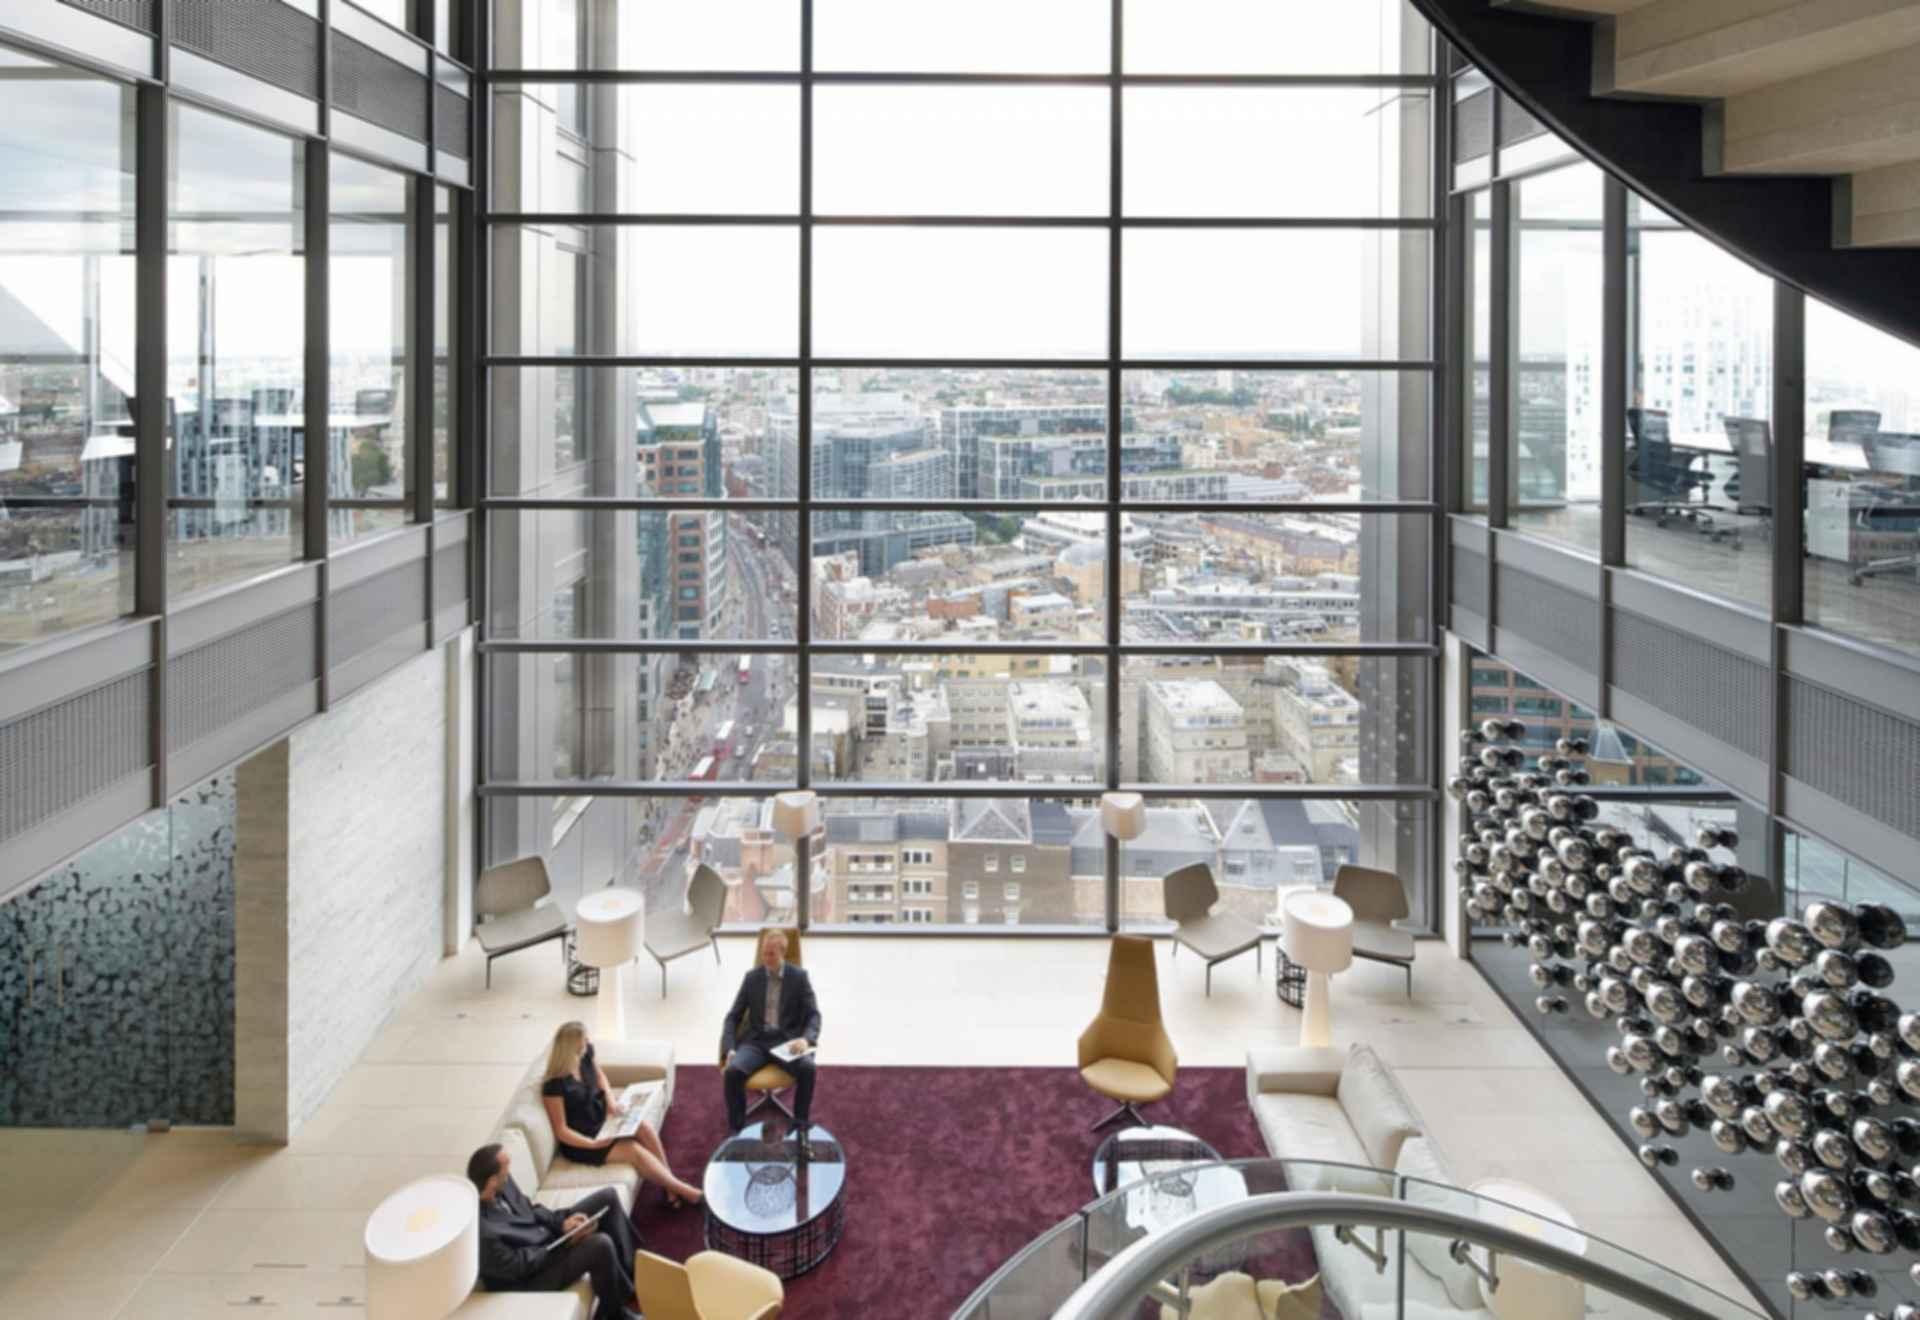 110 Bishopsgate - Interior